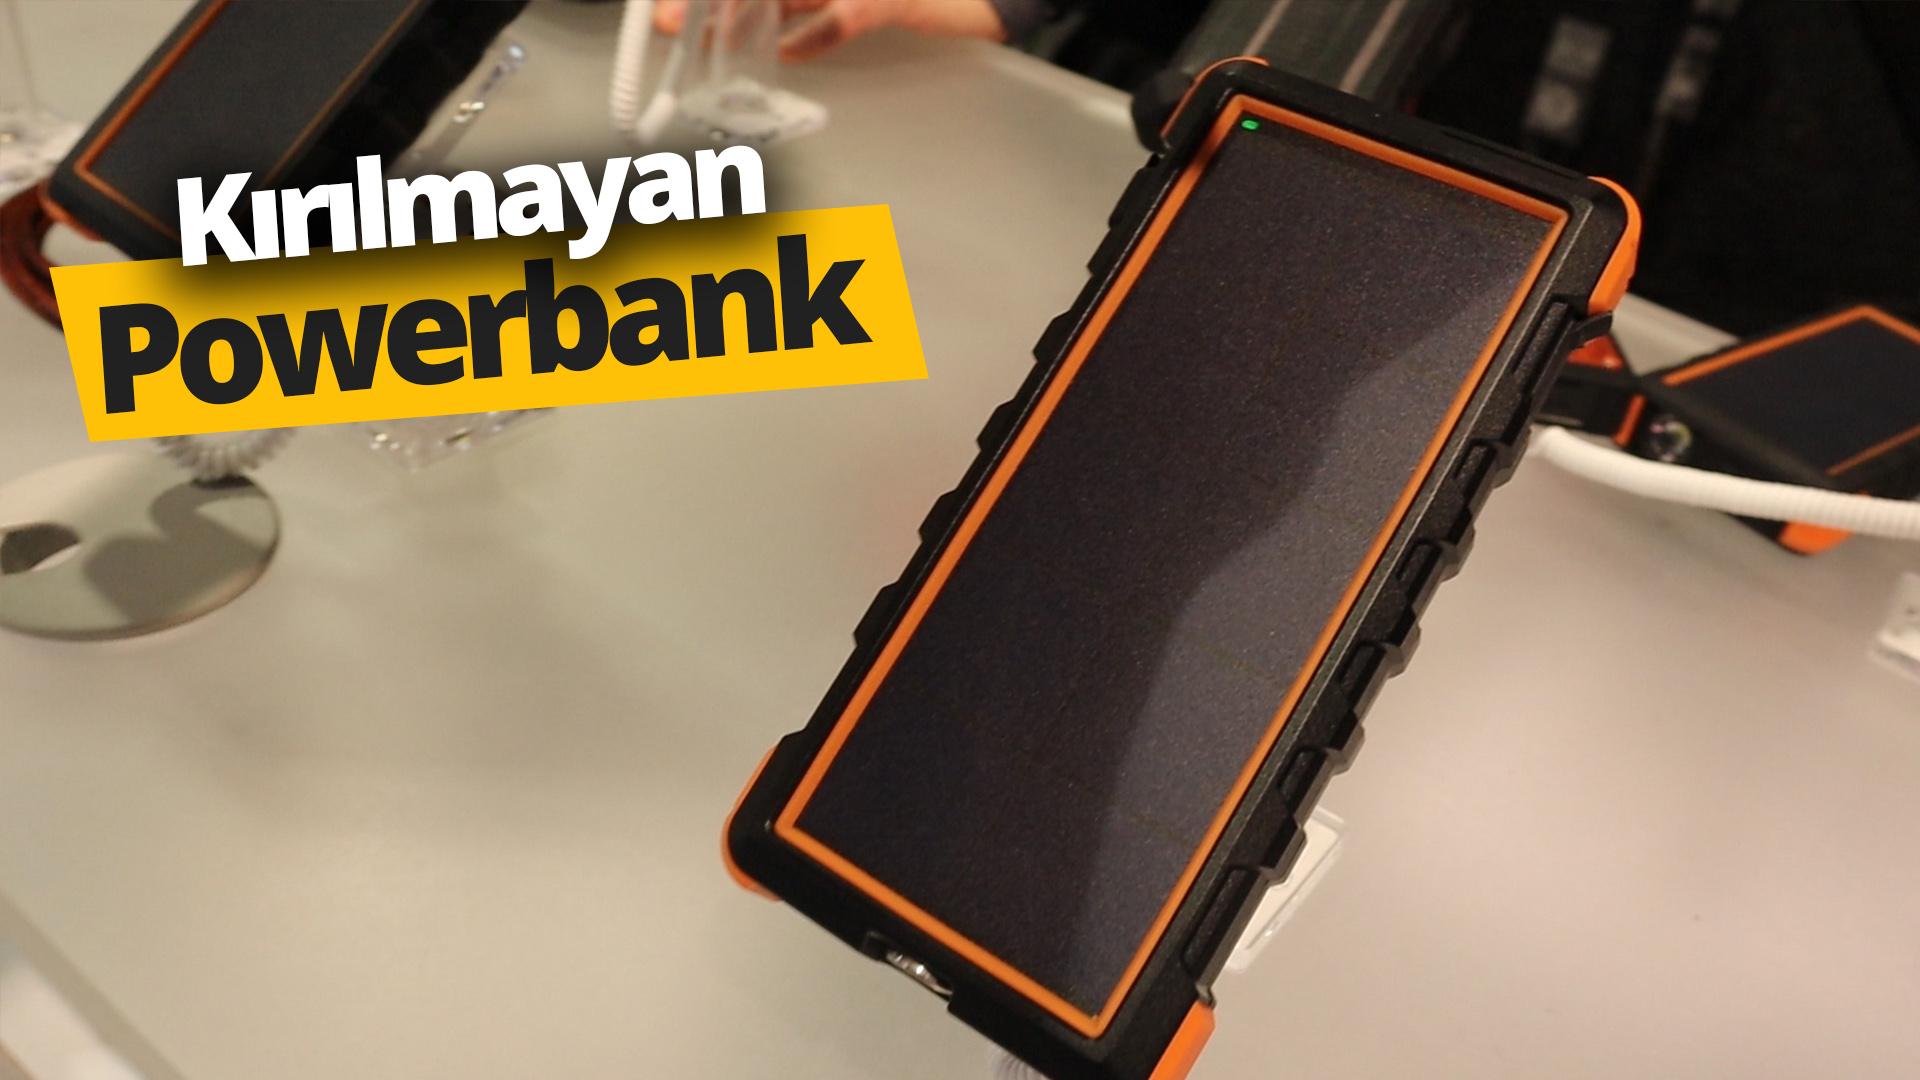 Şarjı bitmeyen, sağlam powerbank!